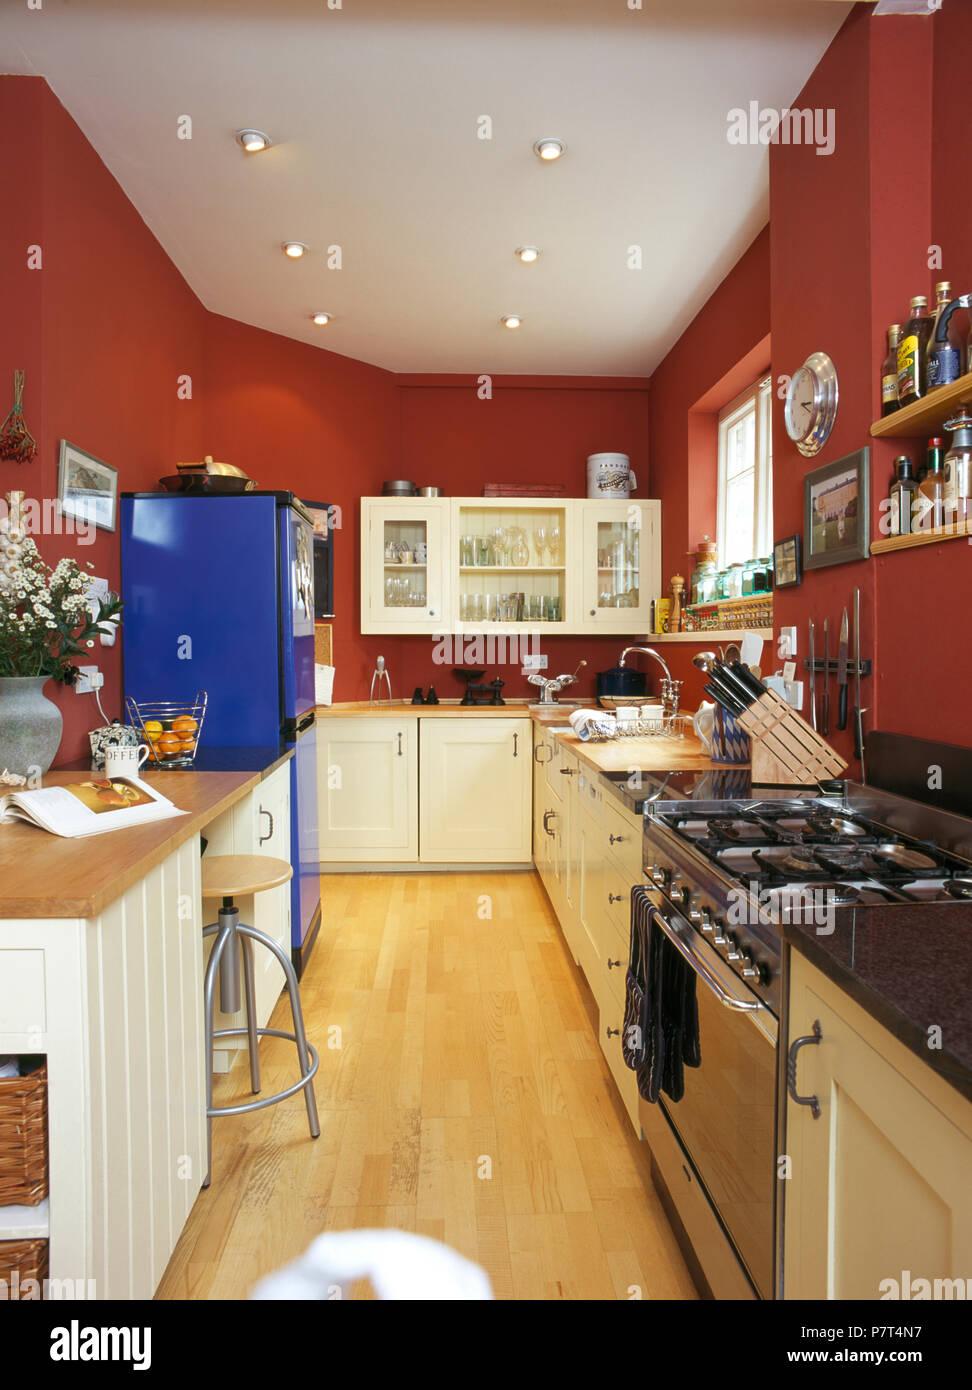 Sortiment Edelstahl Backofen In Rot Pantryküche Mit Hellen Blauen  Kühlschrank Mit Gefrierfach